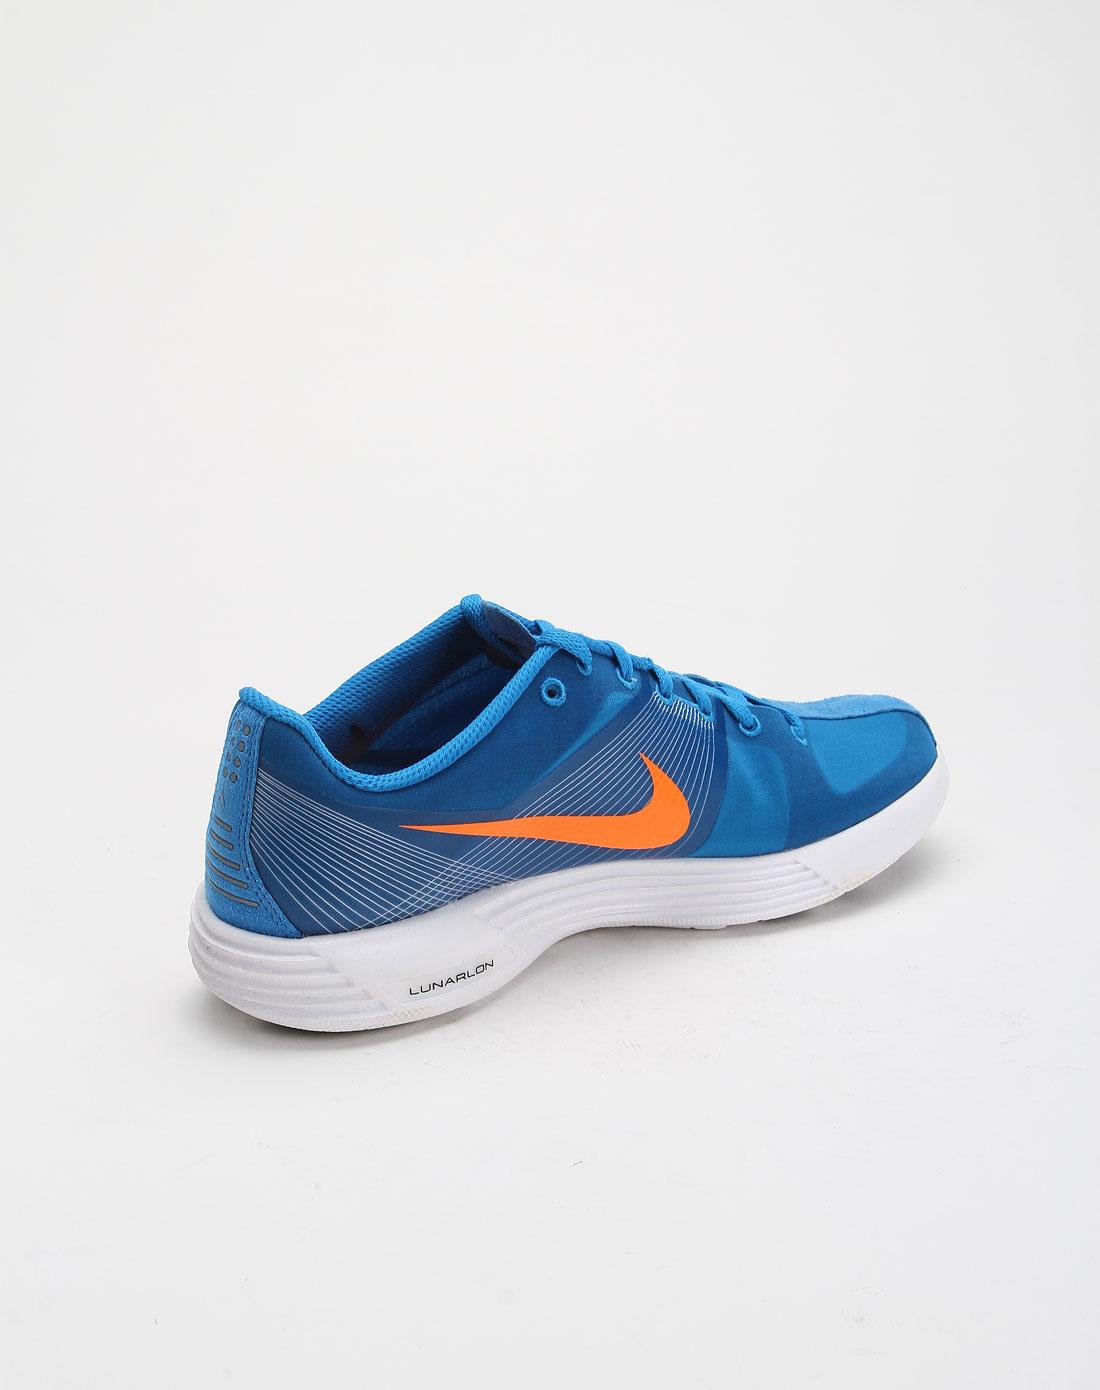 耐克nike-男鞋专场-男款线纹拼接logo白底蓝色低帮跑步鞋